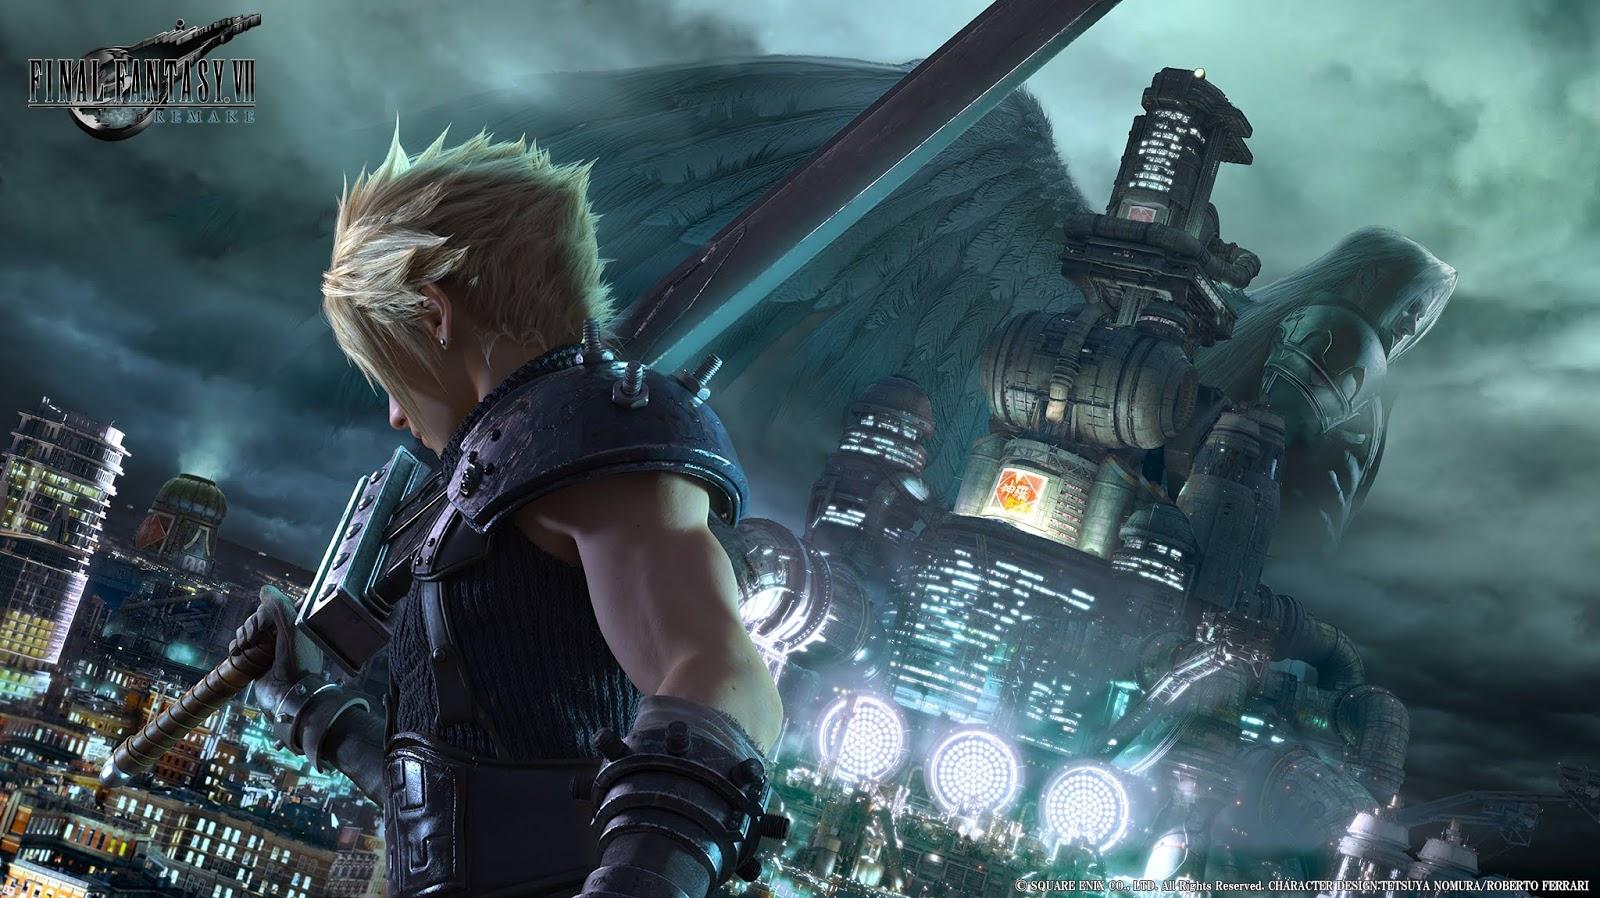 Março de 2021 será um excelente mês para assinantes da PlayStation Plus que terão Maquette, Farpoint, Remnant: From the Ashes e Final Fantasy VII Remake.